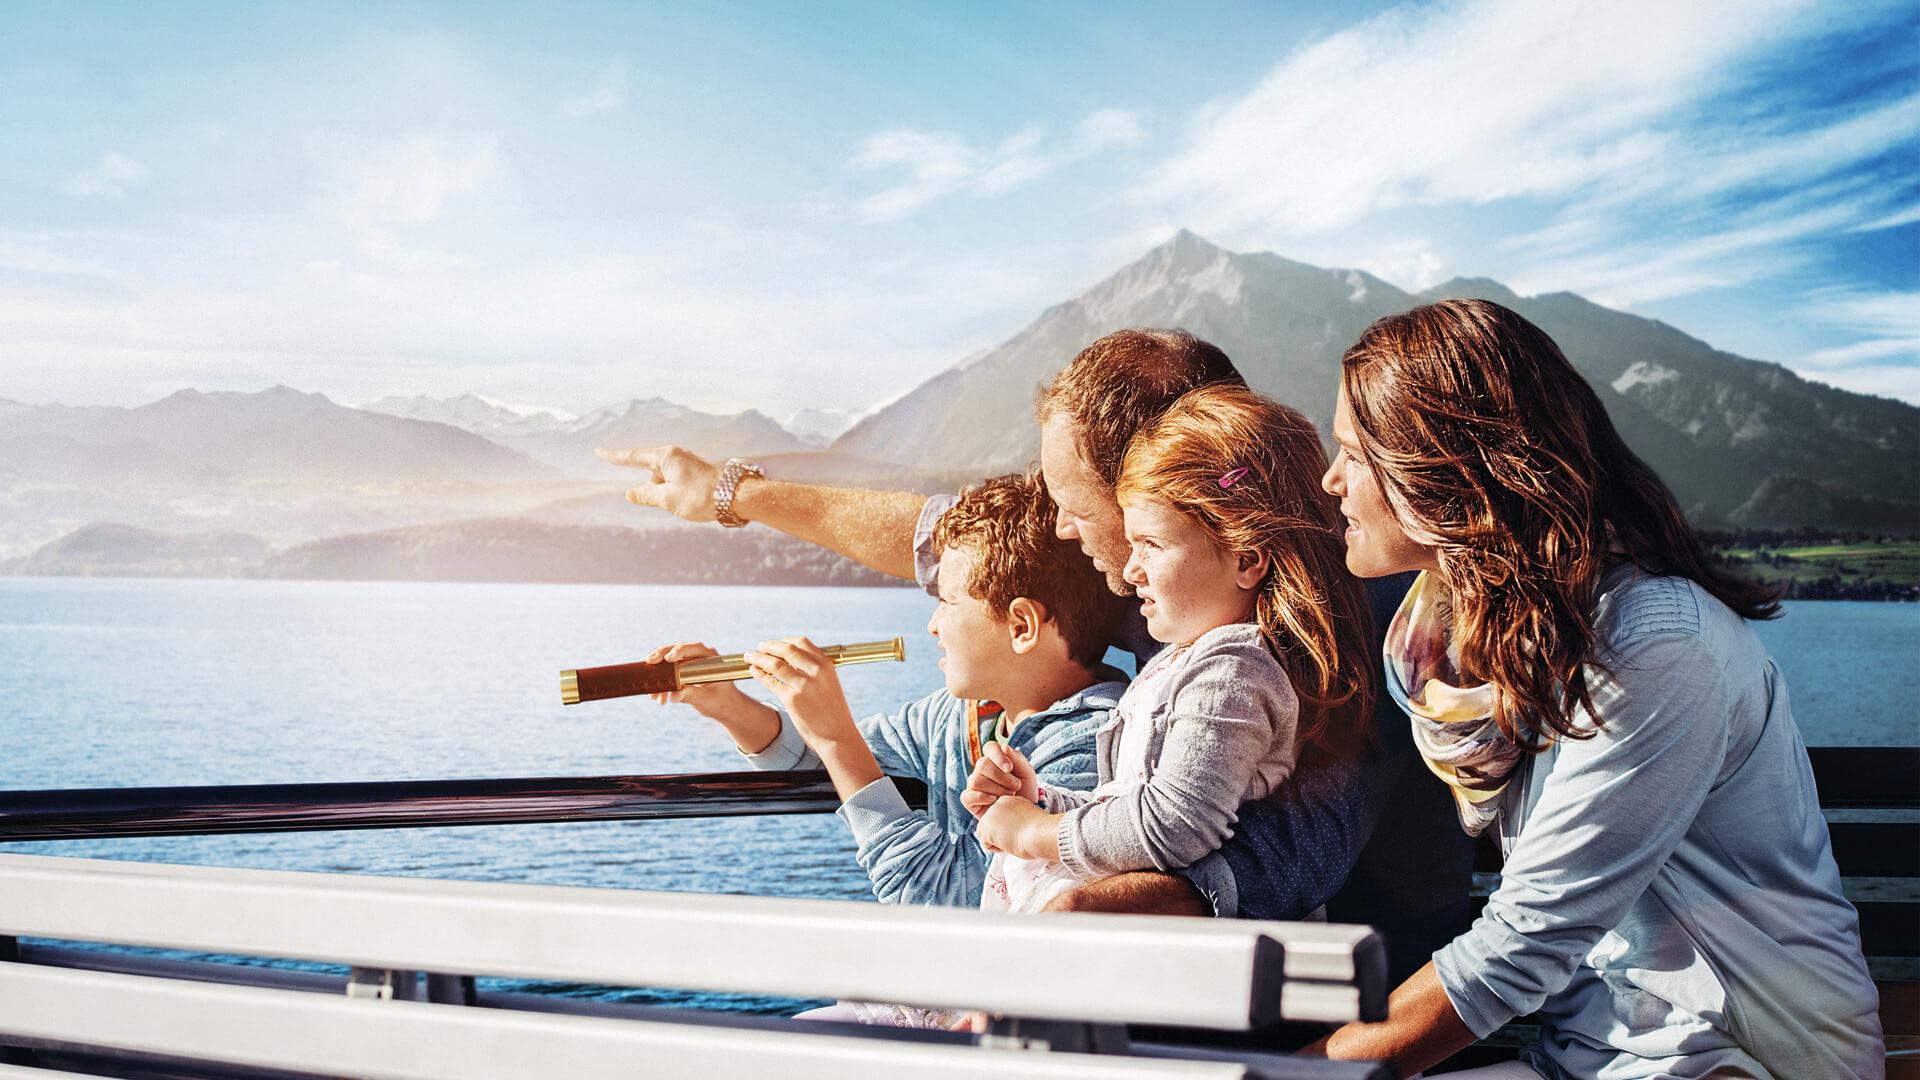 thunersee-schifffahrt-familie-sommer-aussicht